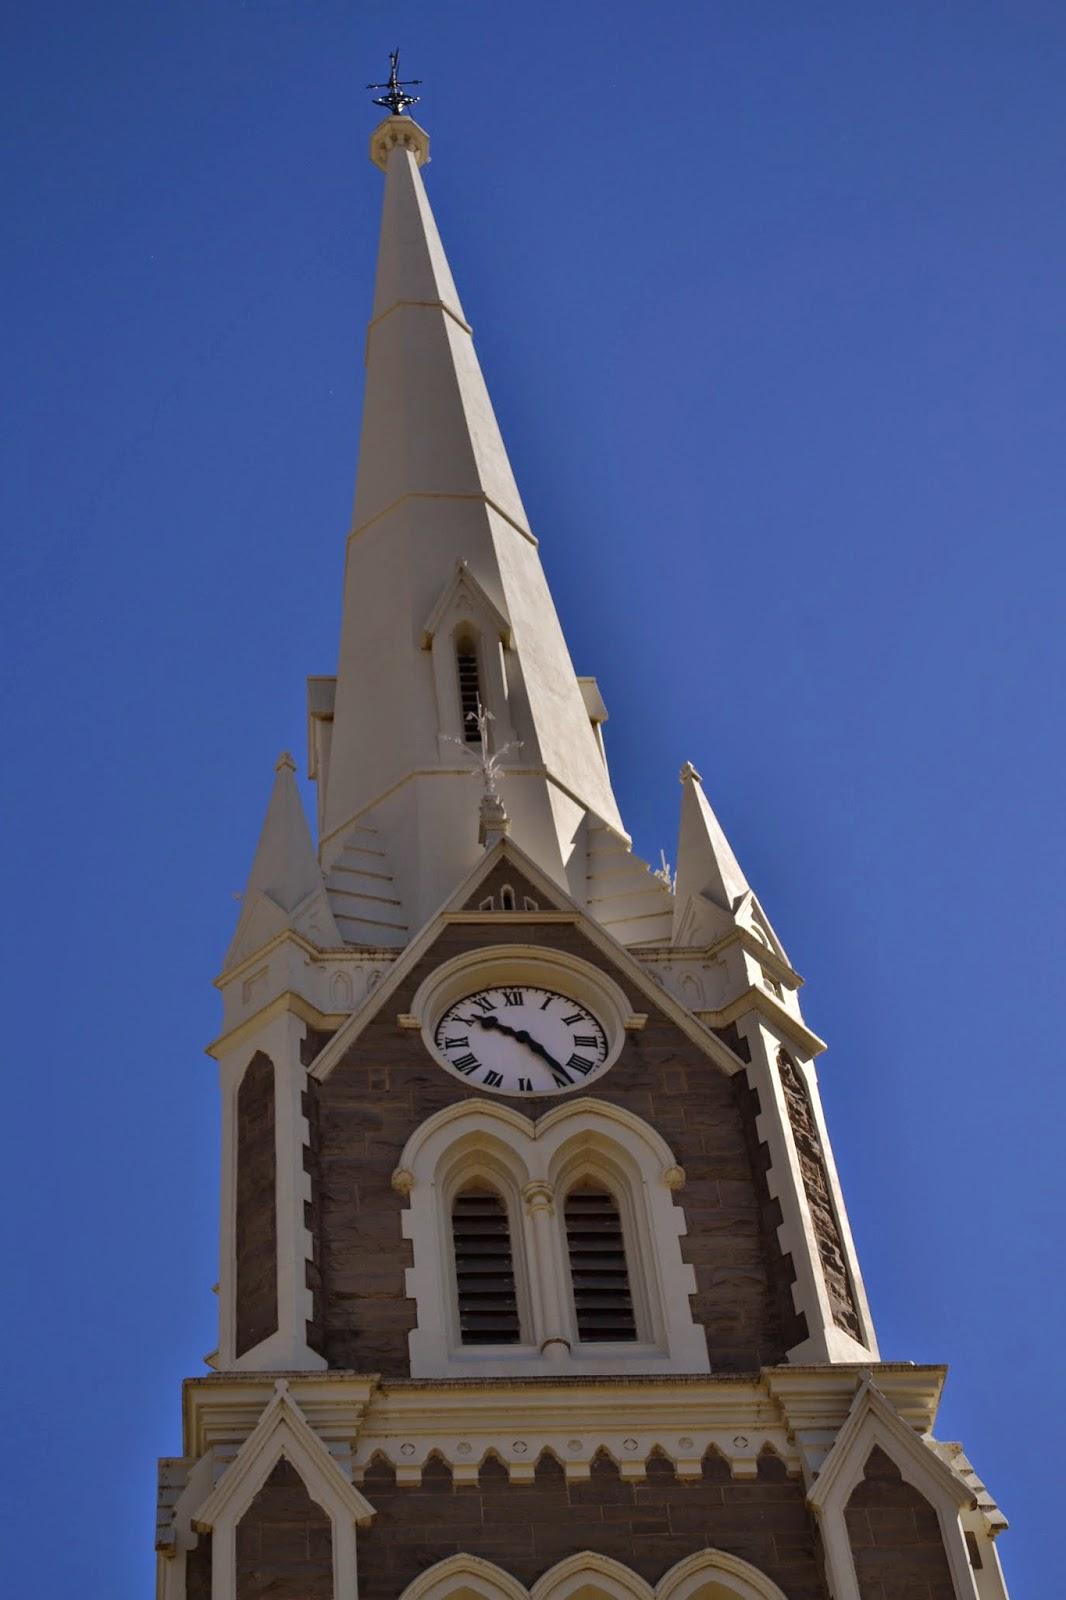 Graaf Reinet NG Kerk clock tower